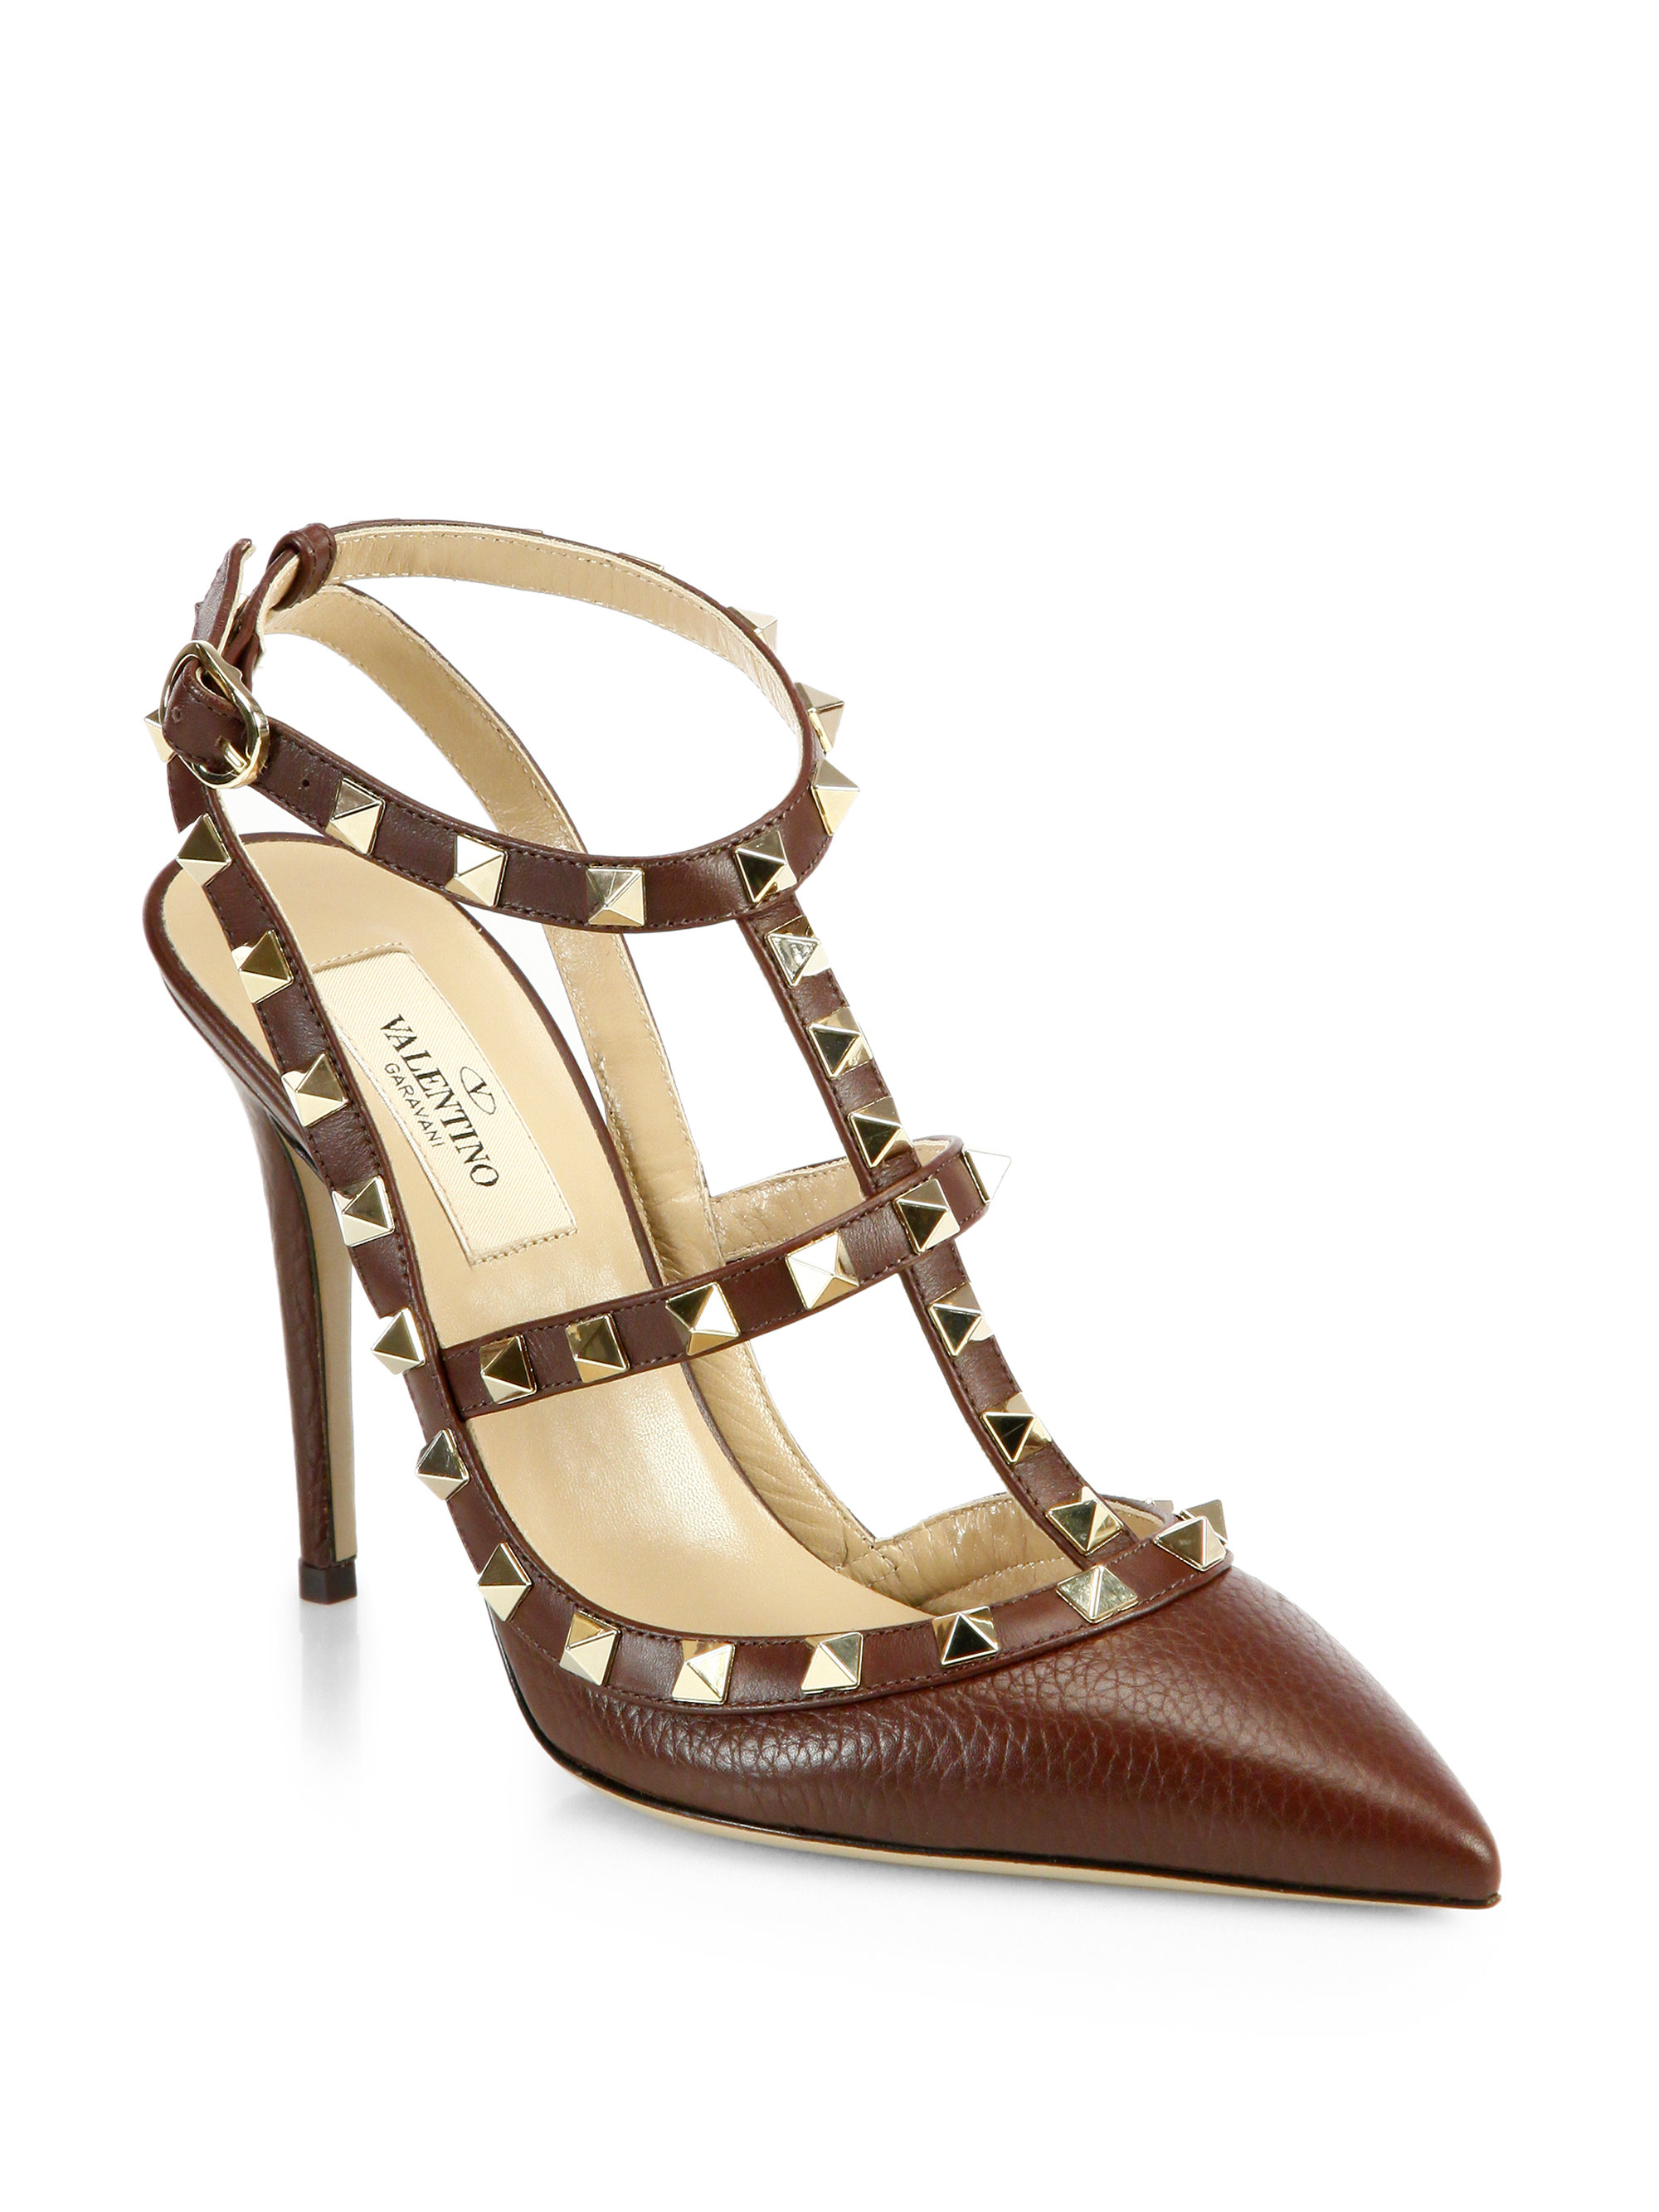 valentino rockstud leather slingback pumps in brown. Black Bedroom Furniture Sets. Home Design Ideas